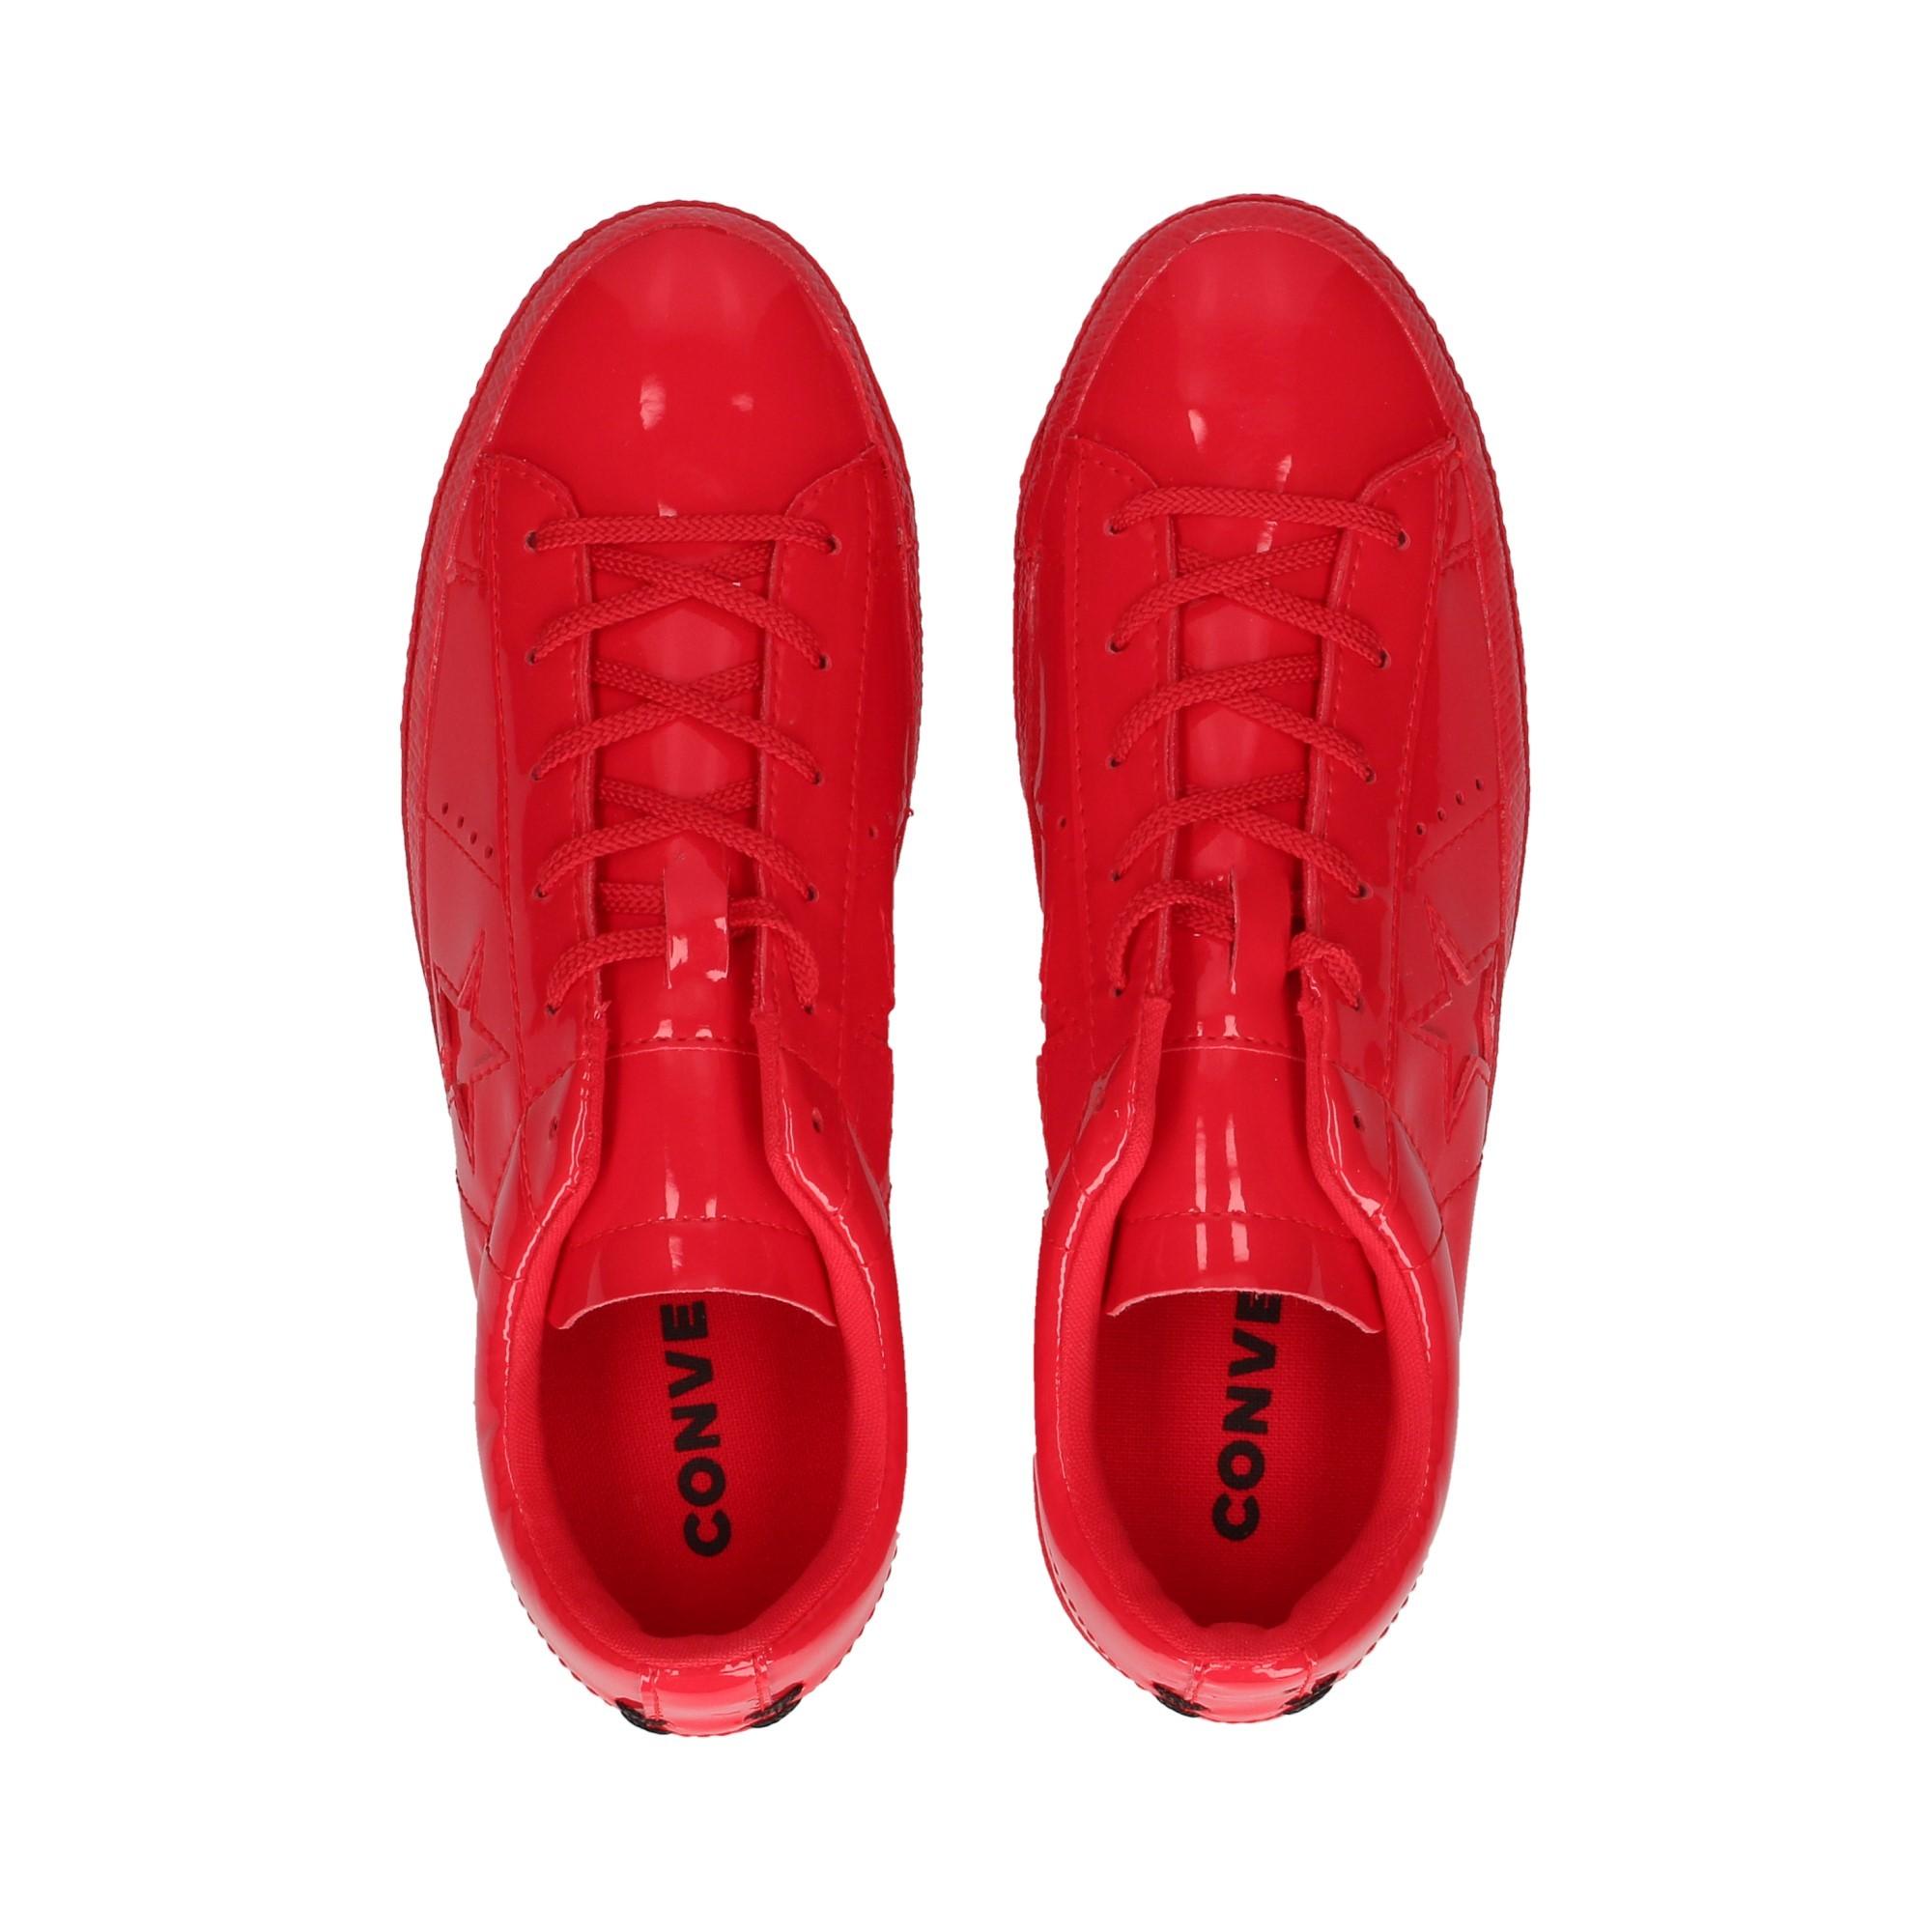 deportivo-plataforma-charol-rojo